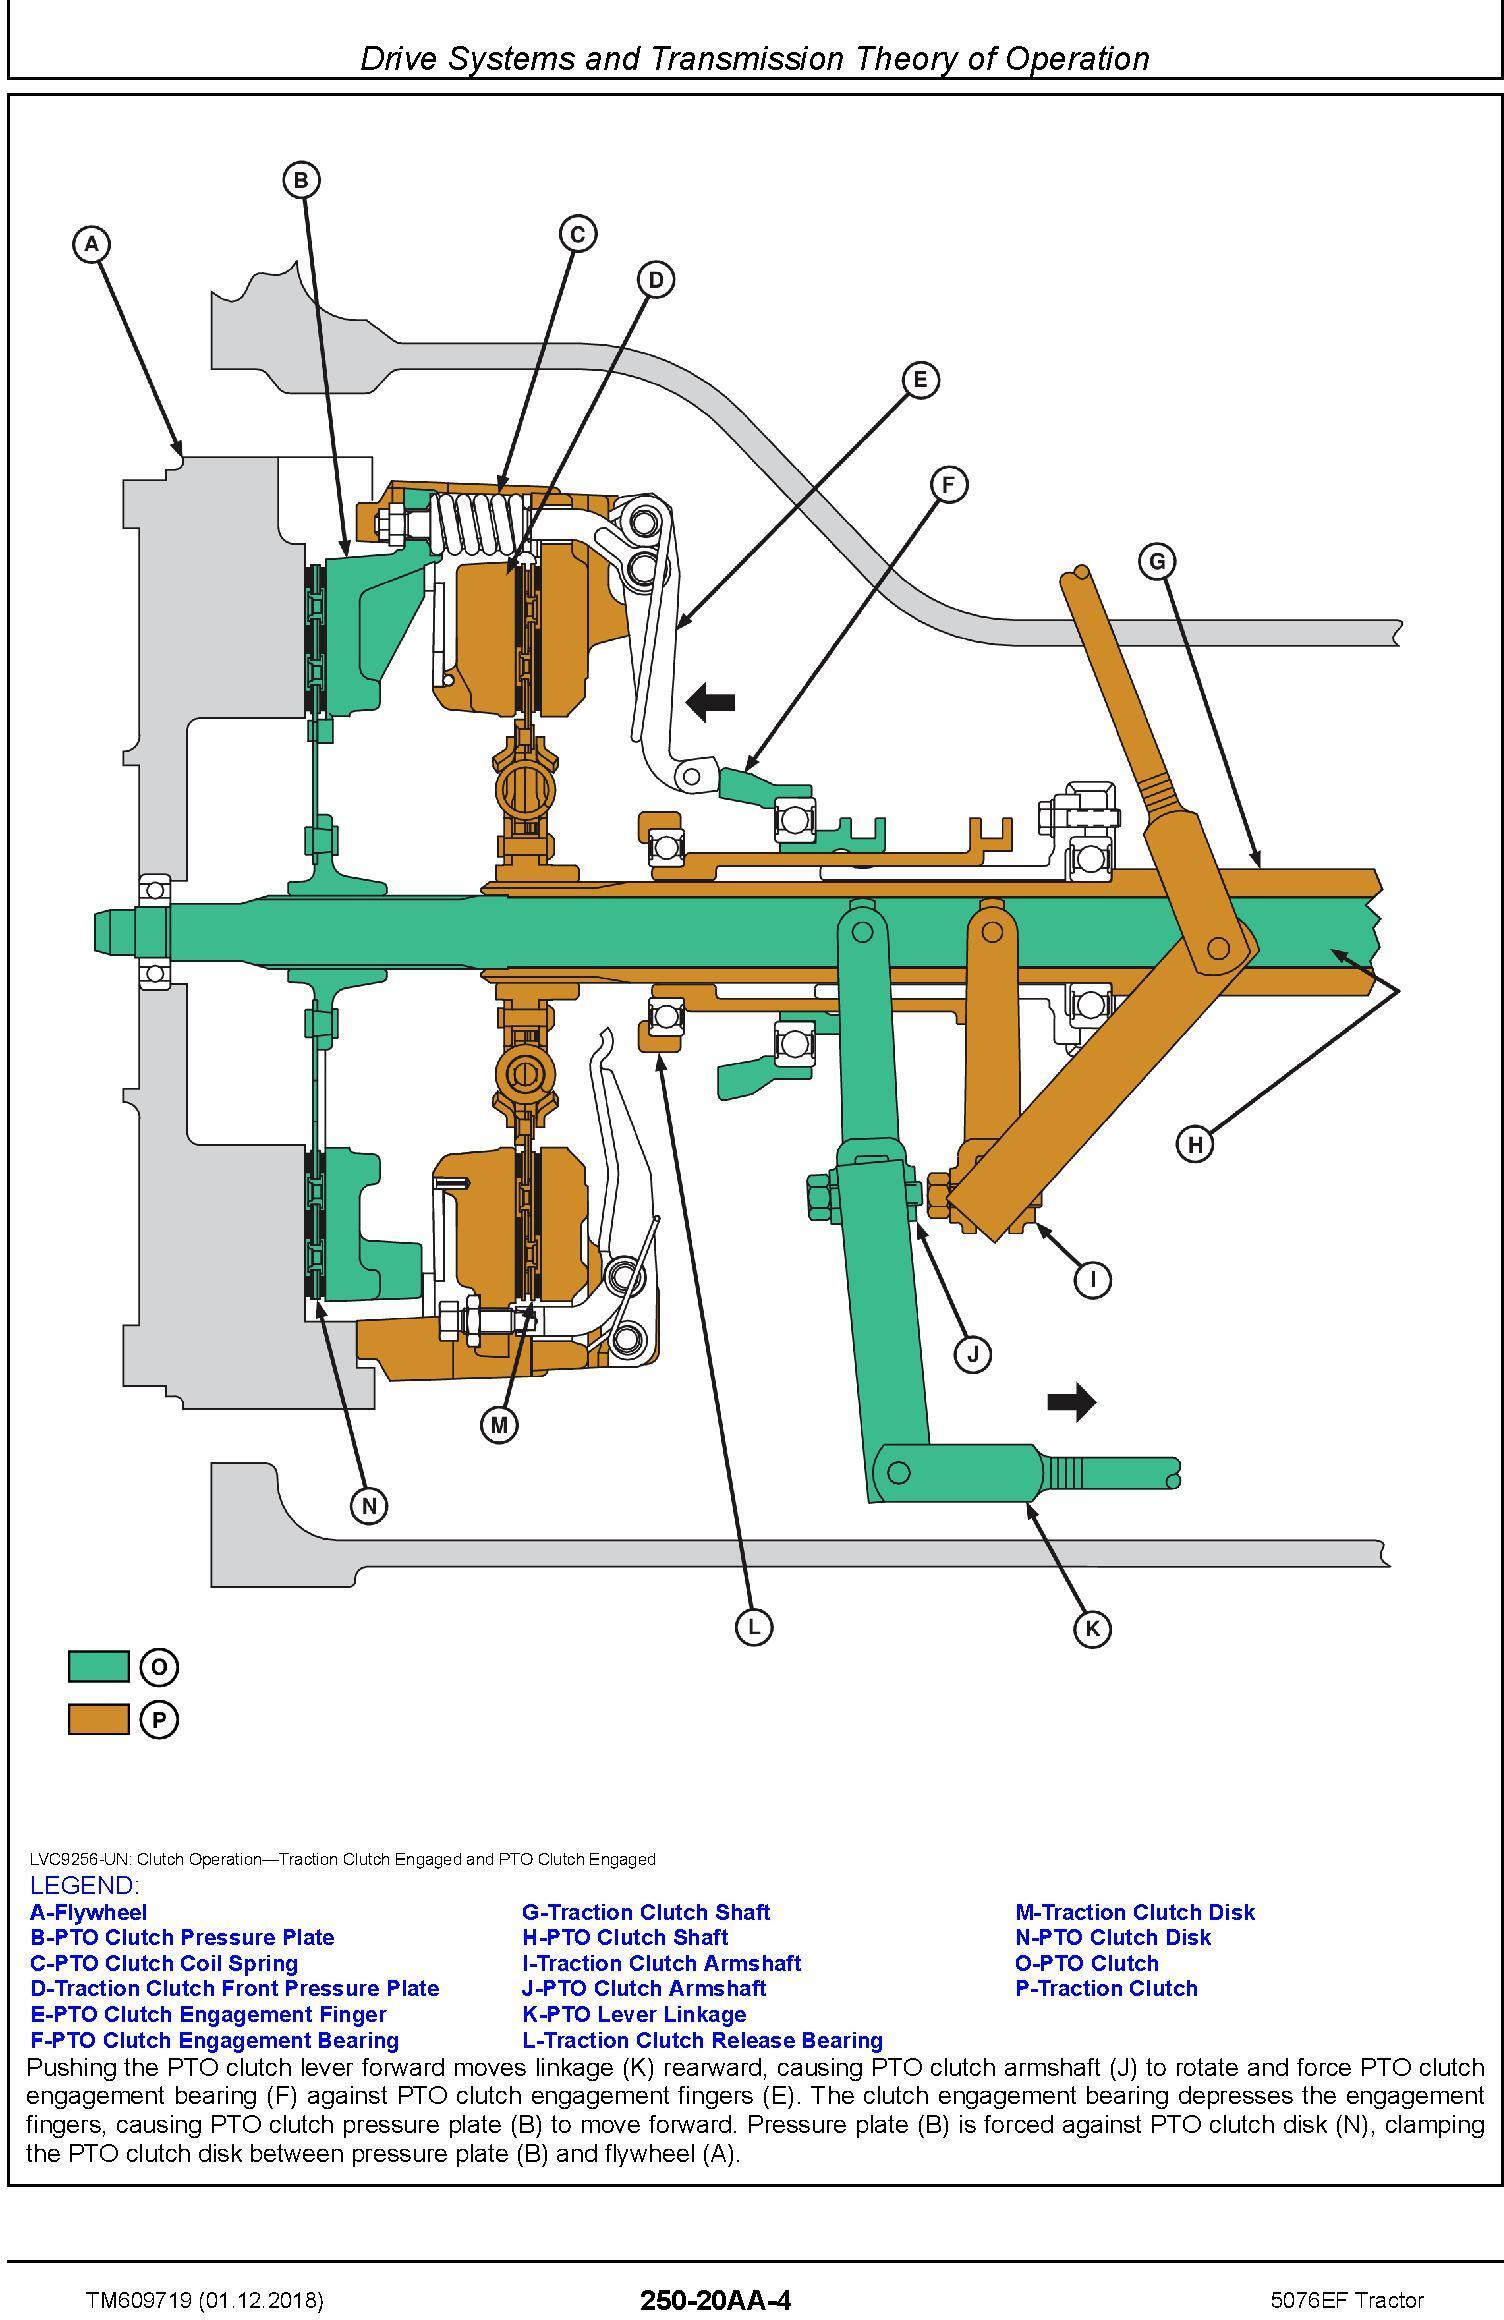 John Deere 5076EF Tractor Diagnostic Technical Service Manual (TM609719) - 3